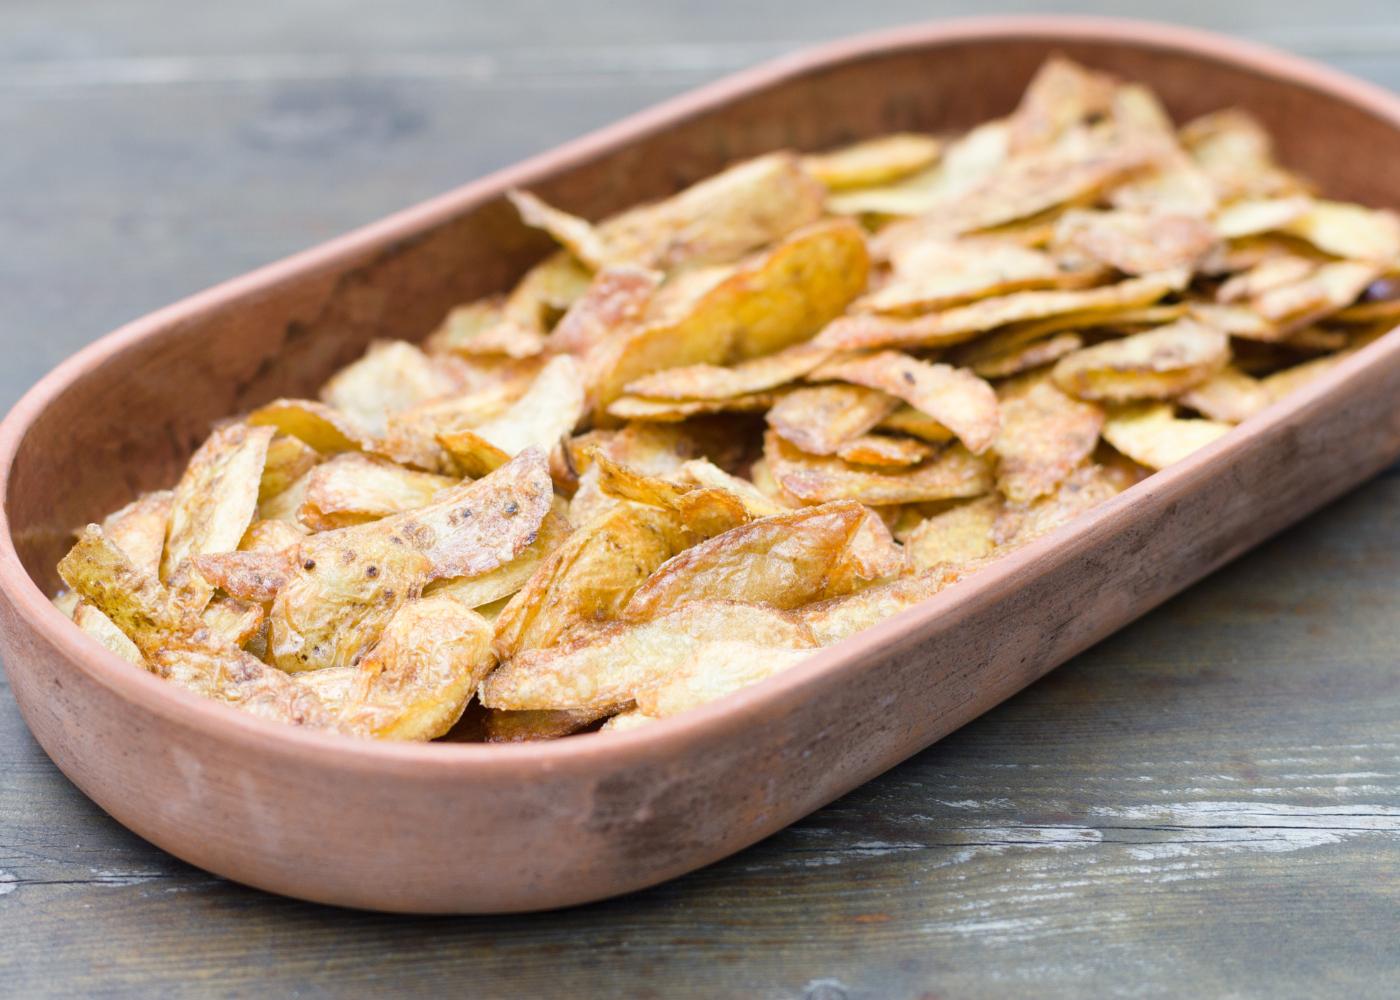 casca de batata assada no forno